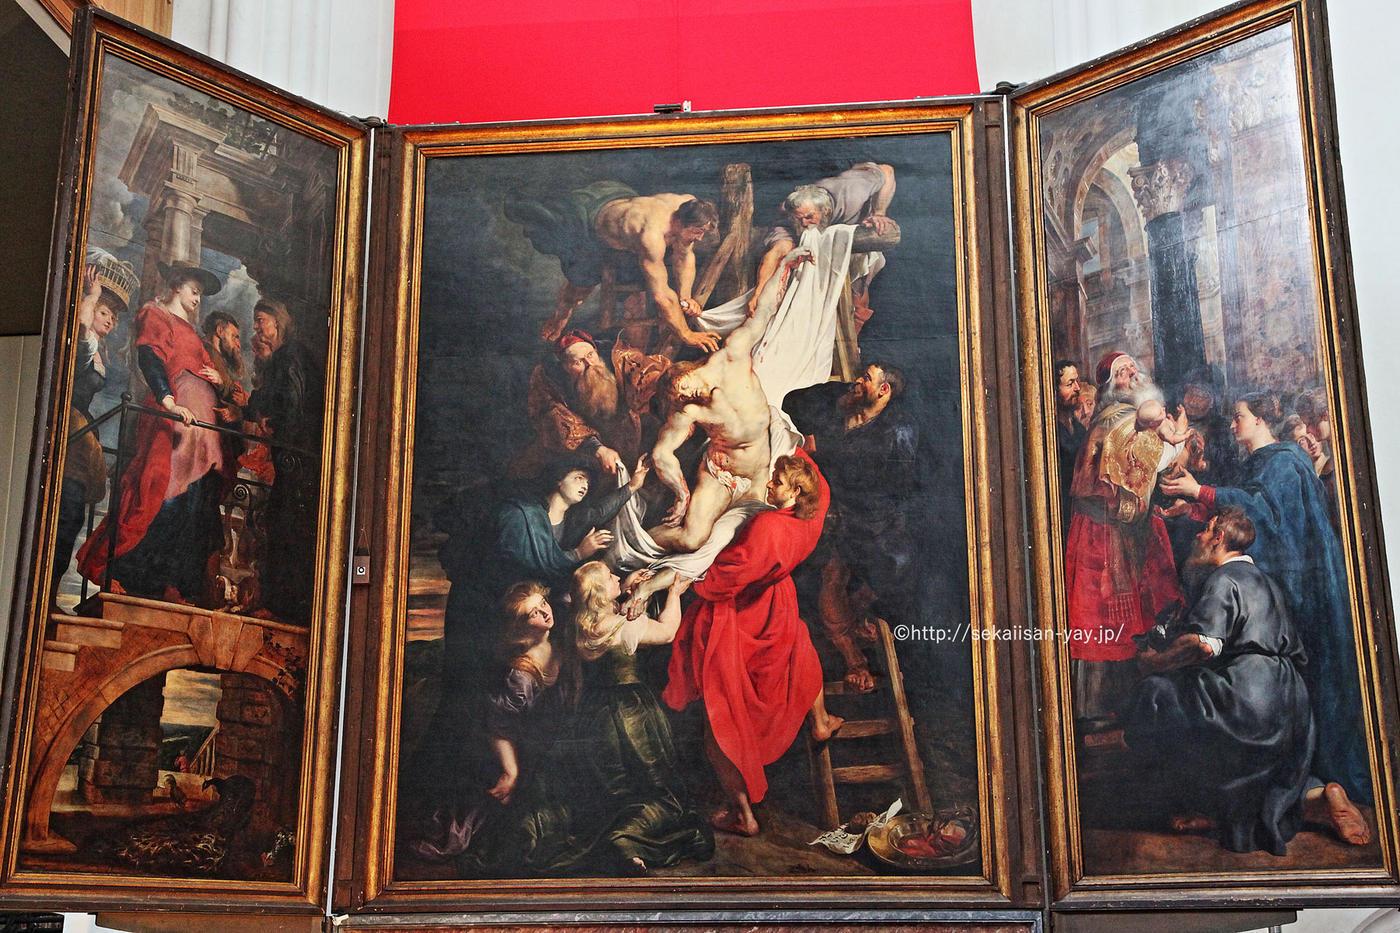 世界遺産「ベルギーとフランスの鐘楼群」ノートルダム大聖堂ルーベンス絵画